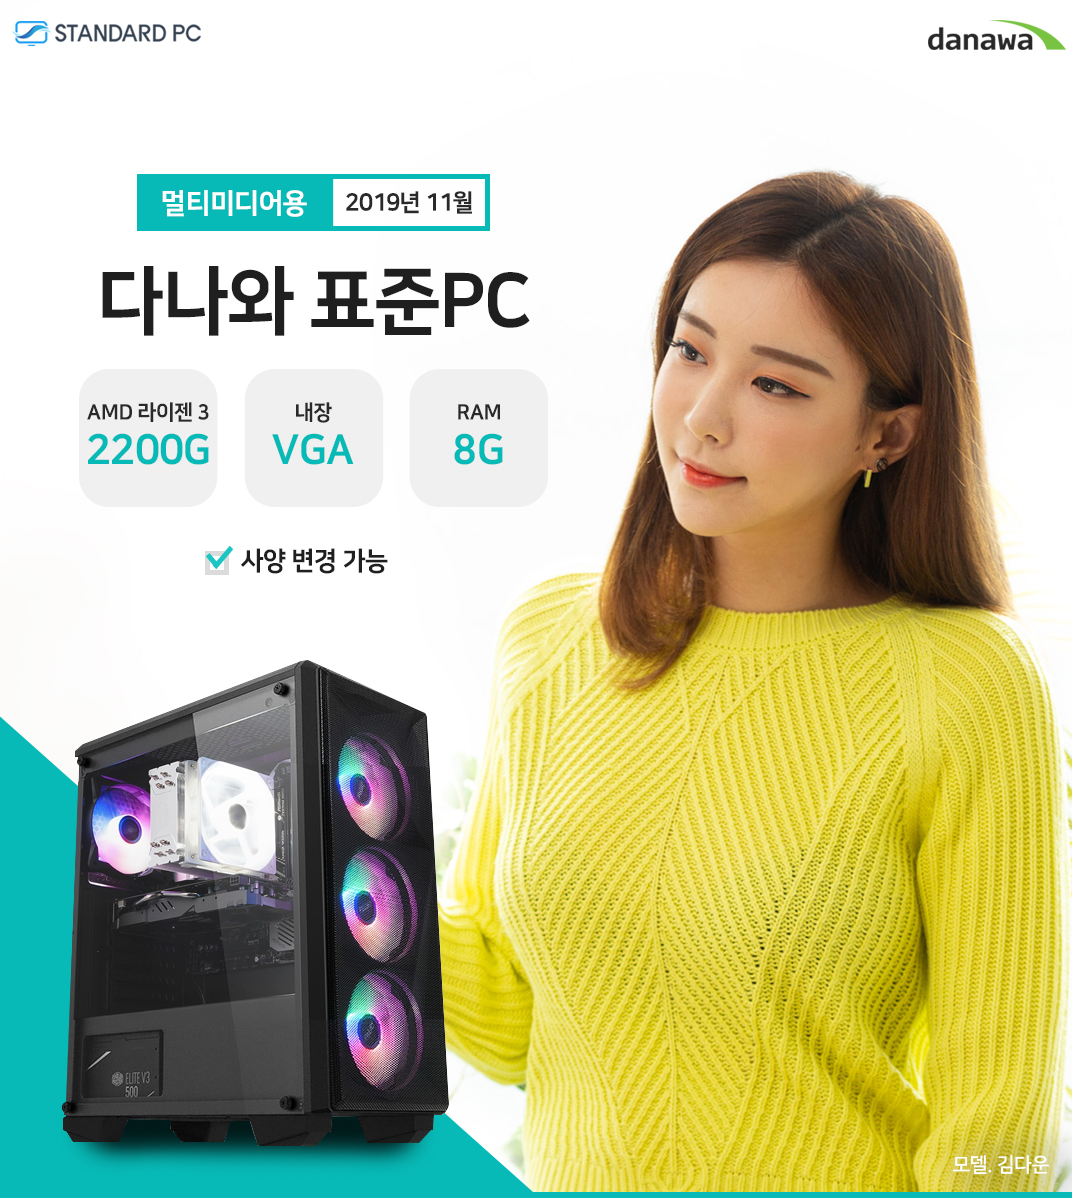 2019년 11월 다나와 표준PC 멀티미디어용 AMD 라이젠 3 2200G 내장 VGA RAM 8G 모델 문가경